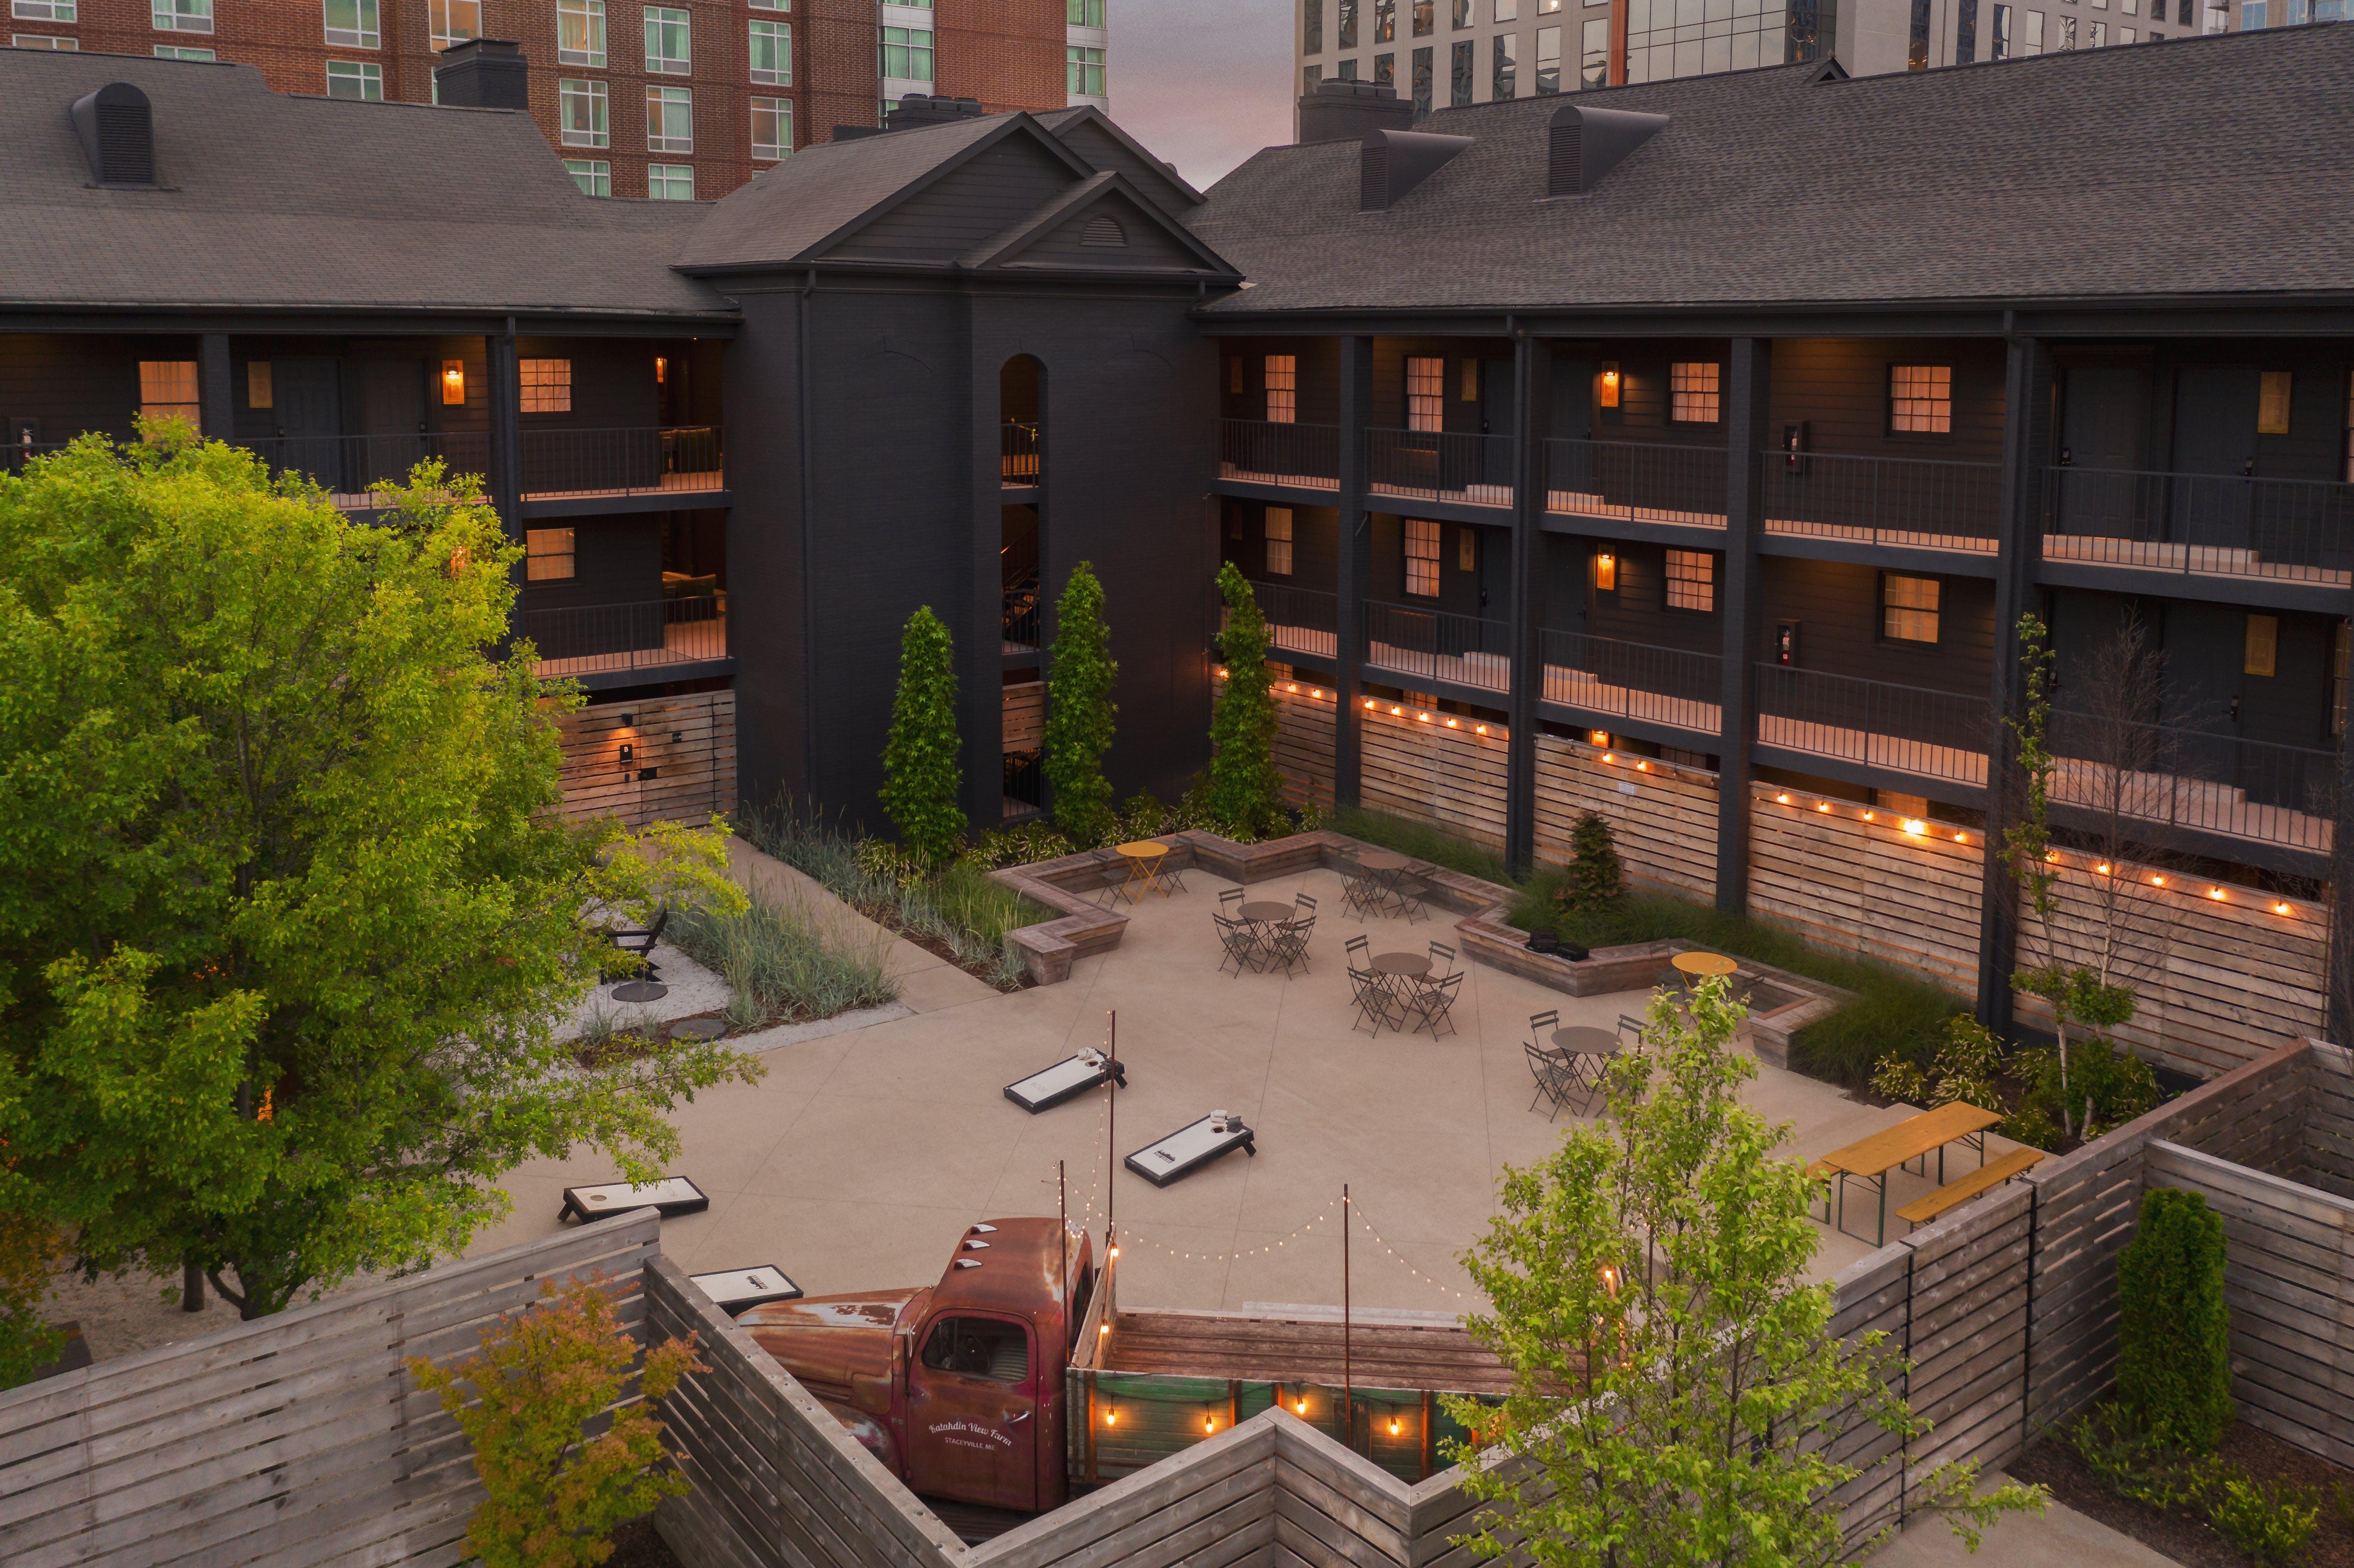 Nashville Building Image